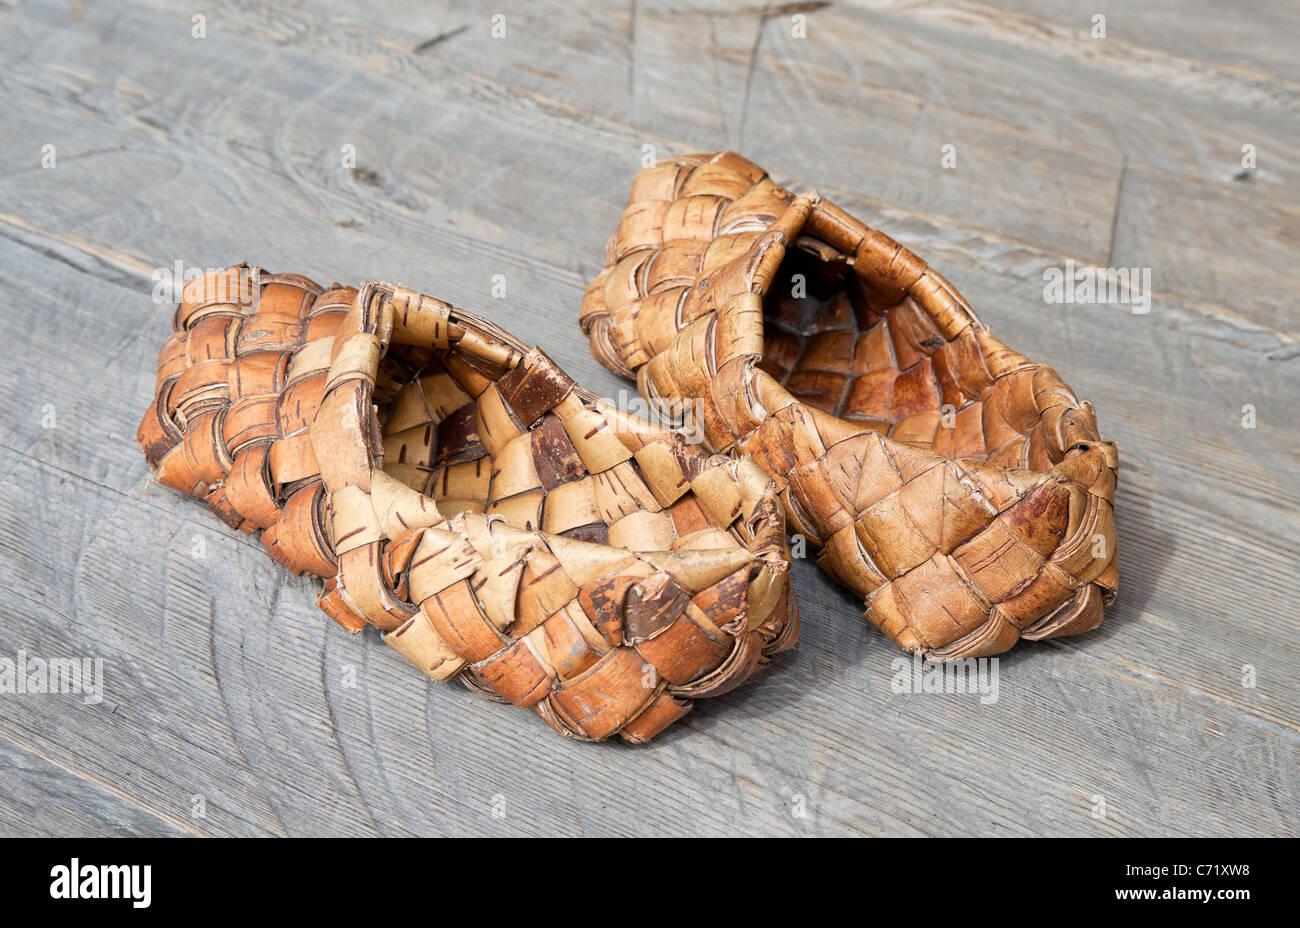 Tradizionale russa liberiane scarpe sullo sfondo delle commissioni.  Immagini Stock f5afd8f1fad